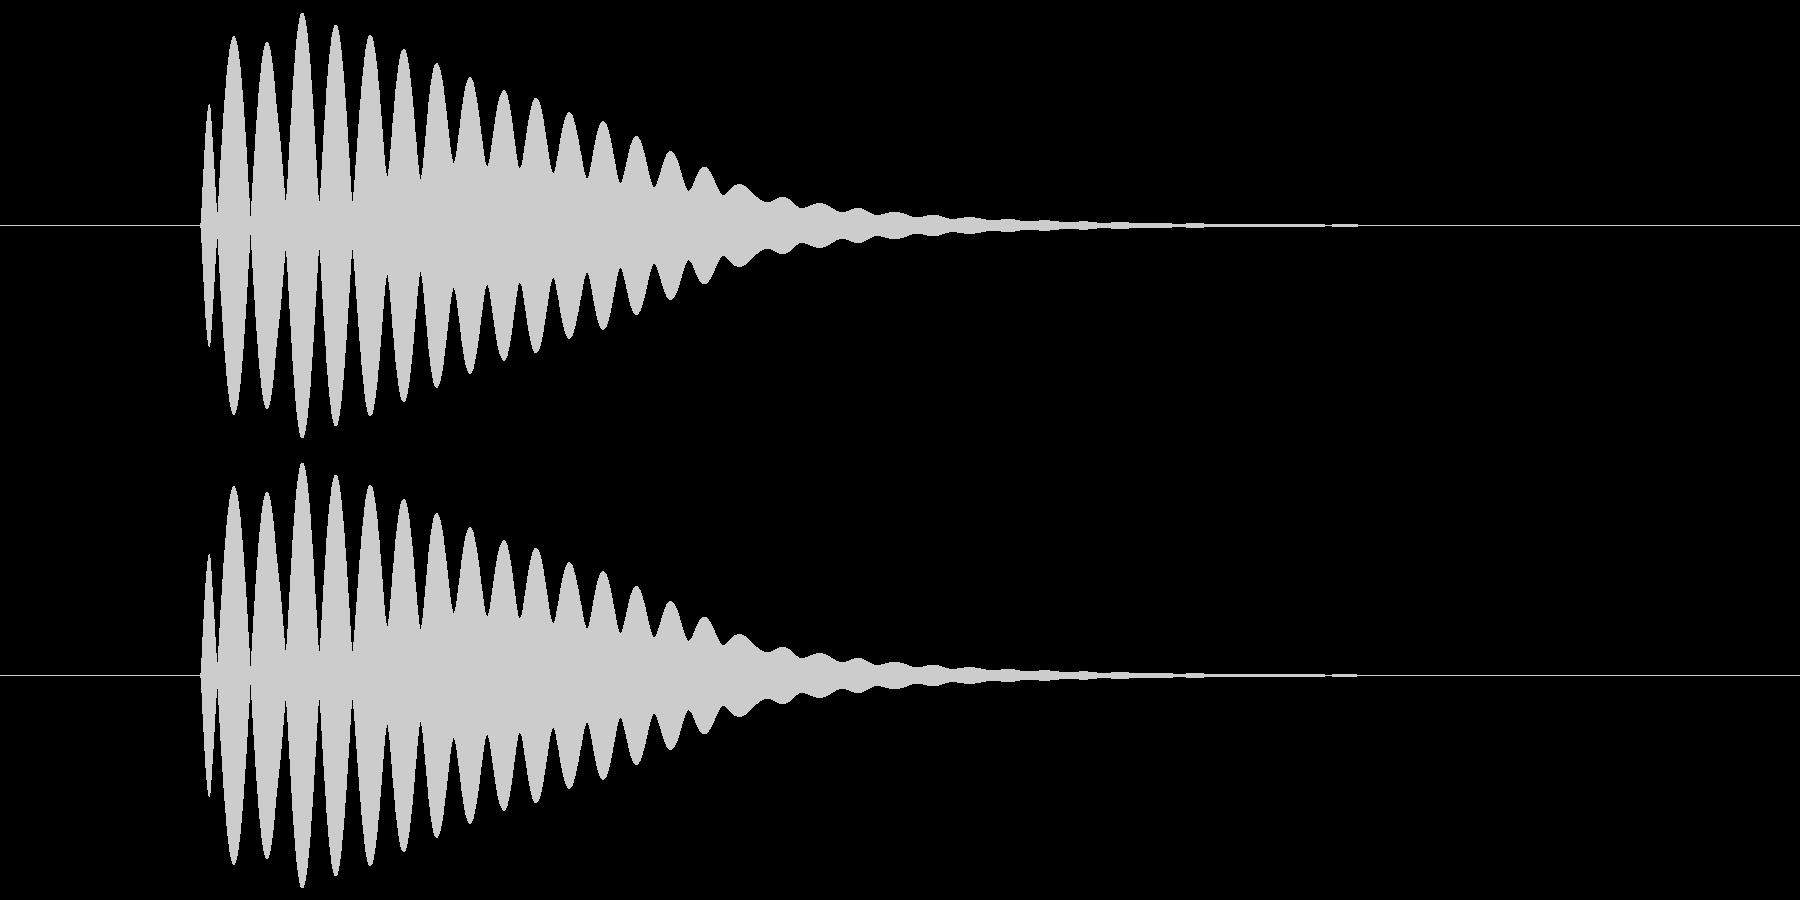 ポーン(透明感のある余韻のある音) 01の未再生の波形